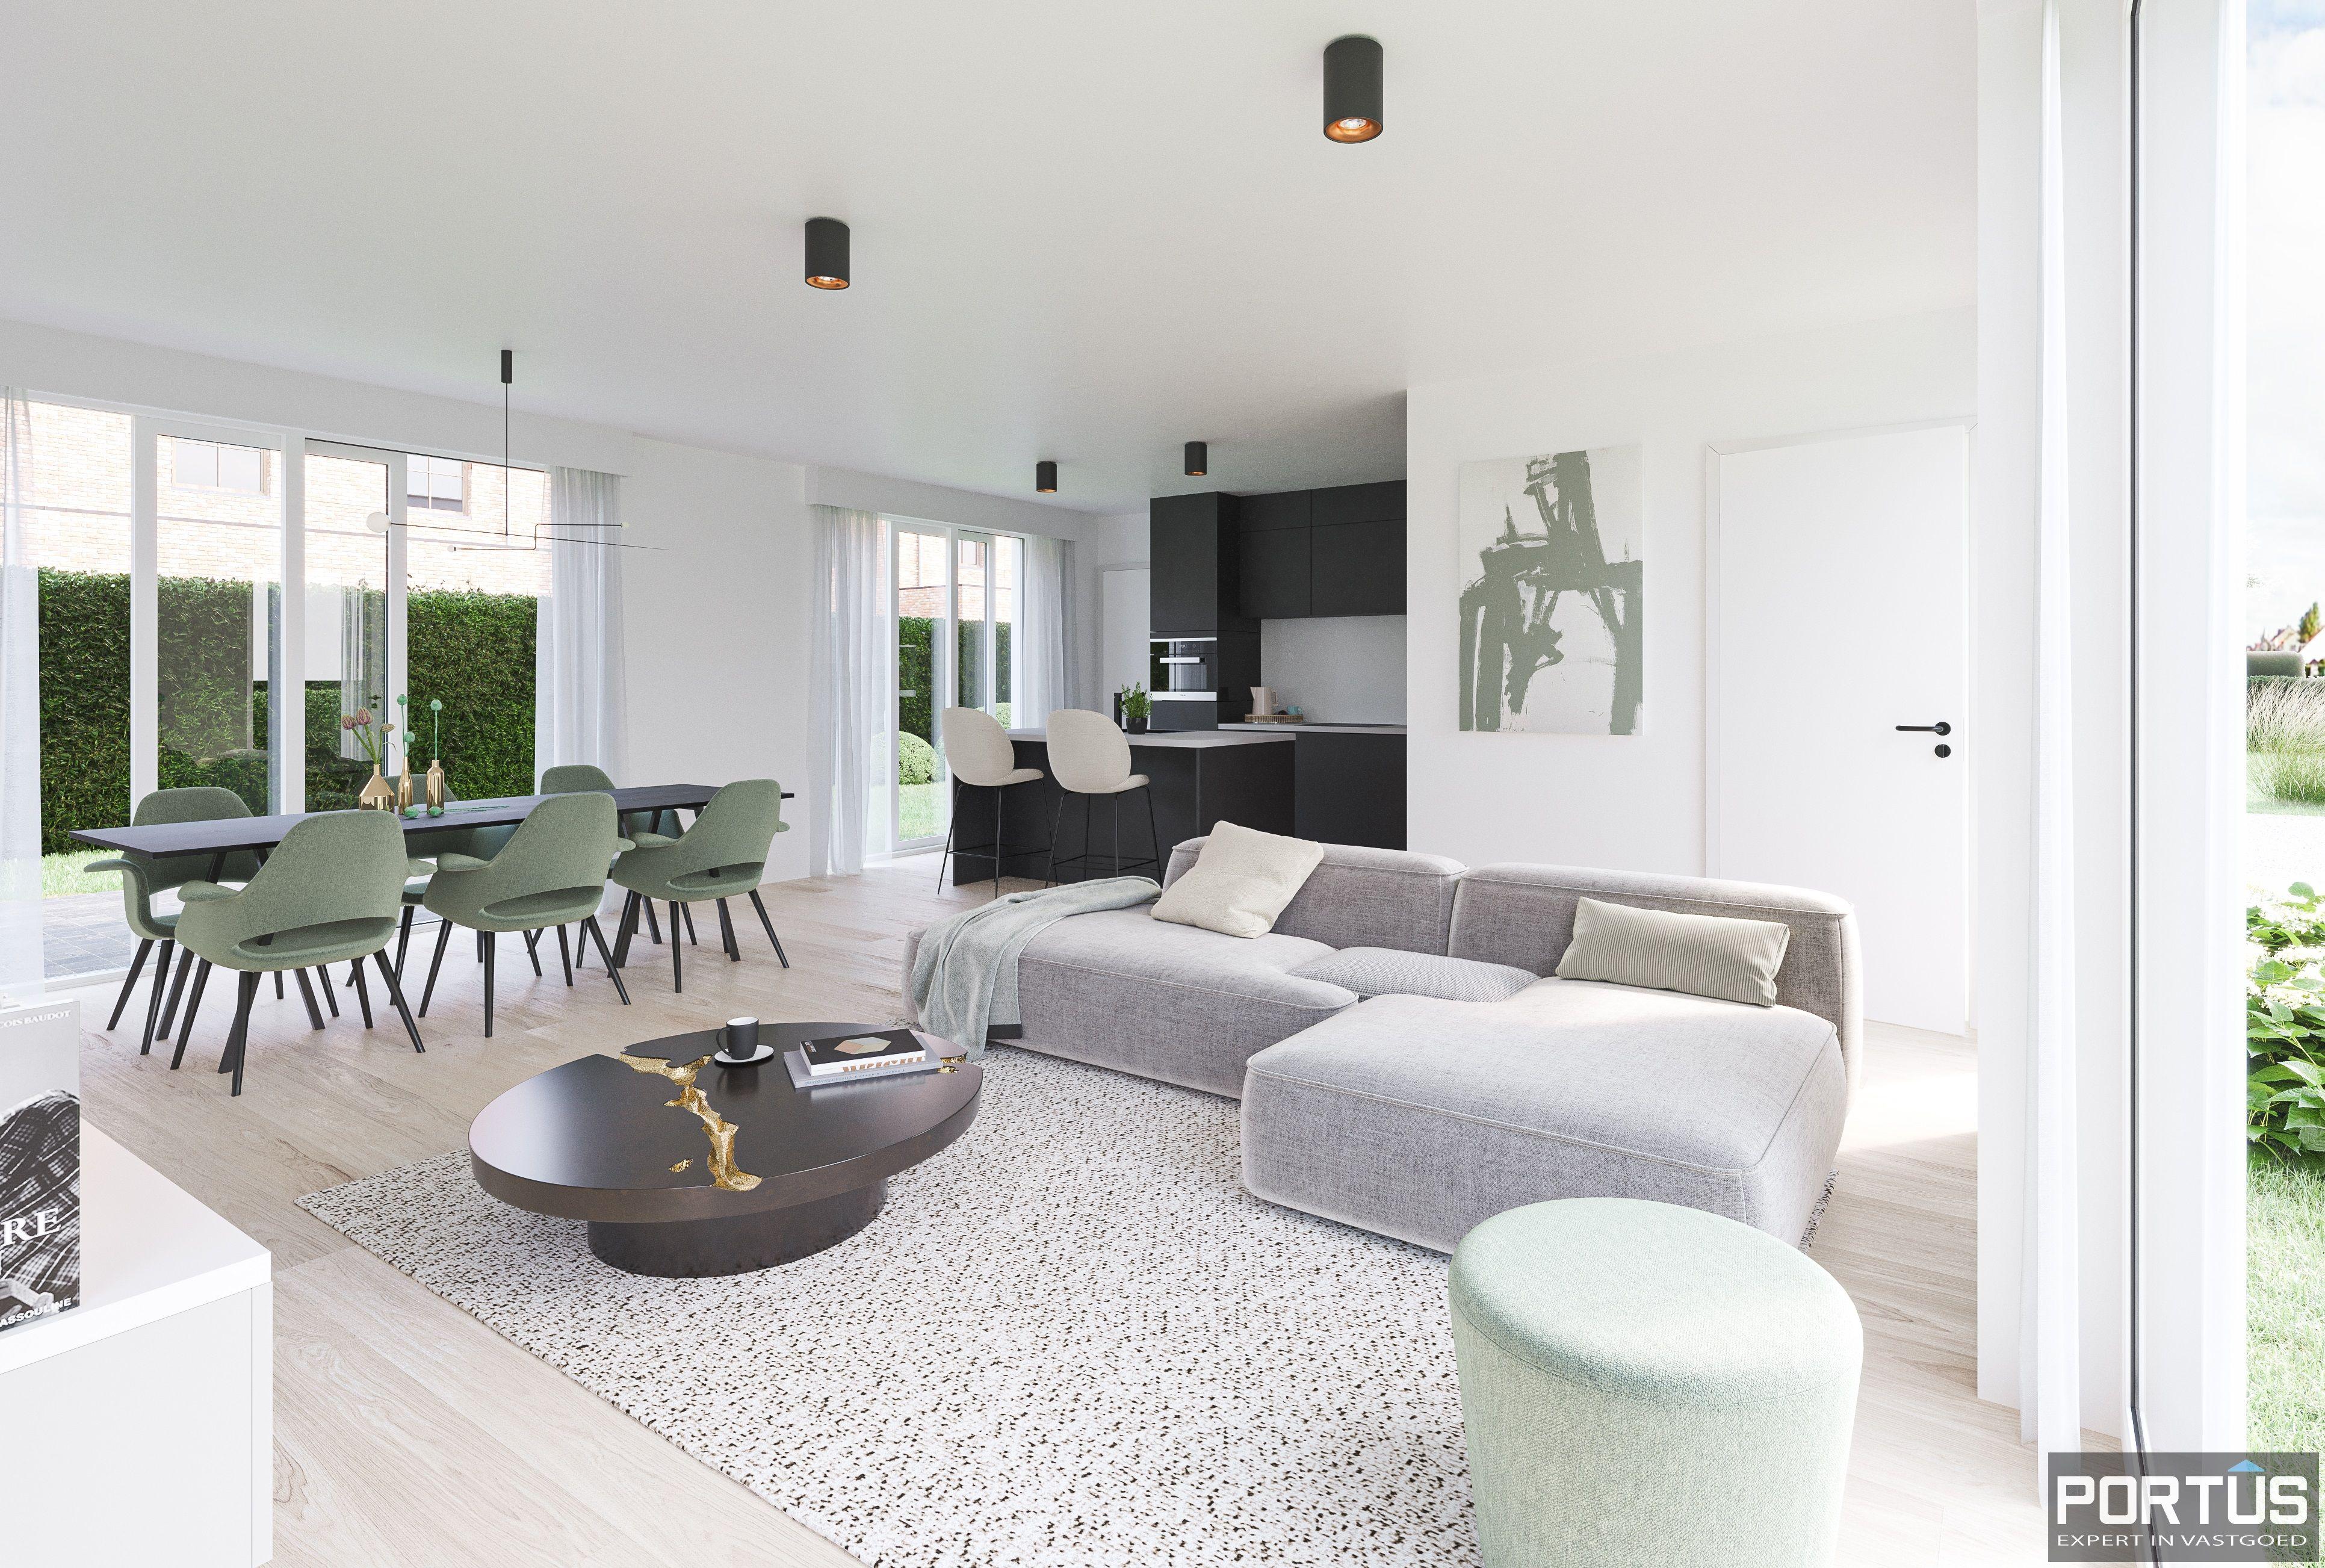 Moderne gezinswoning met 3 slaapkamers te koop te Lombardsijde - 12165